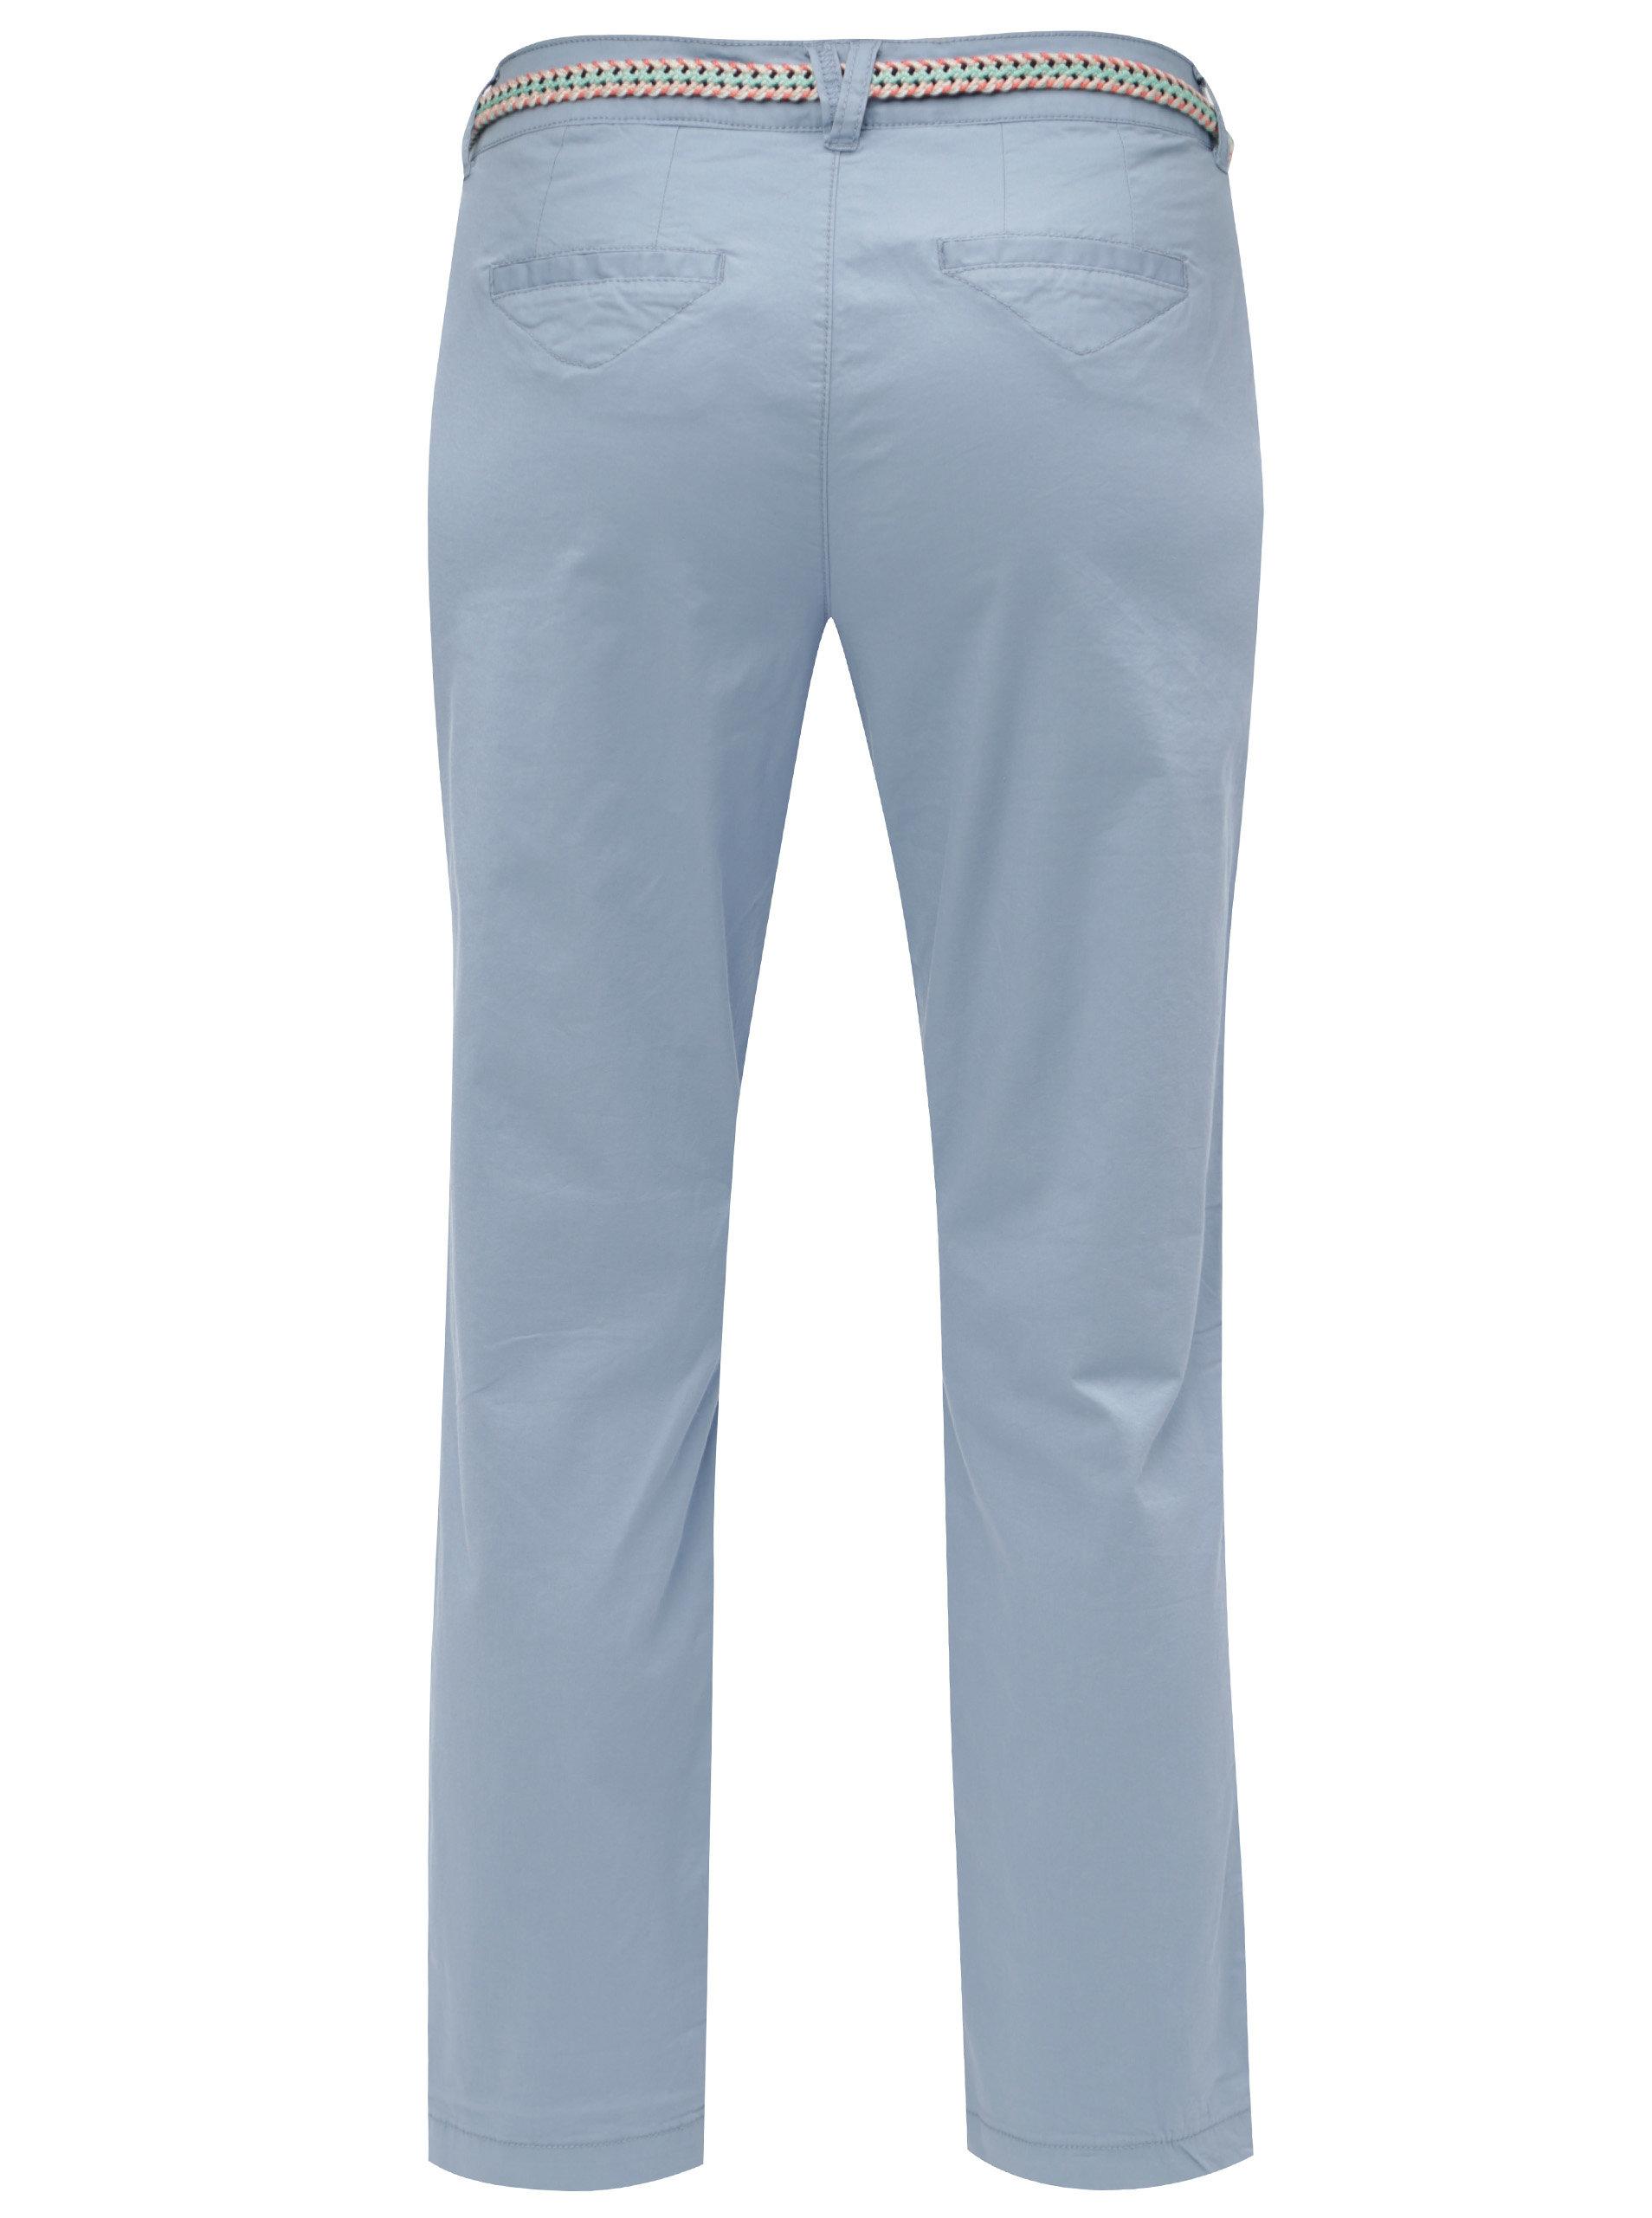 4a25a6348 Modré dámske skrátené nohavice s.Oliver | ZOOT.sk